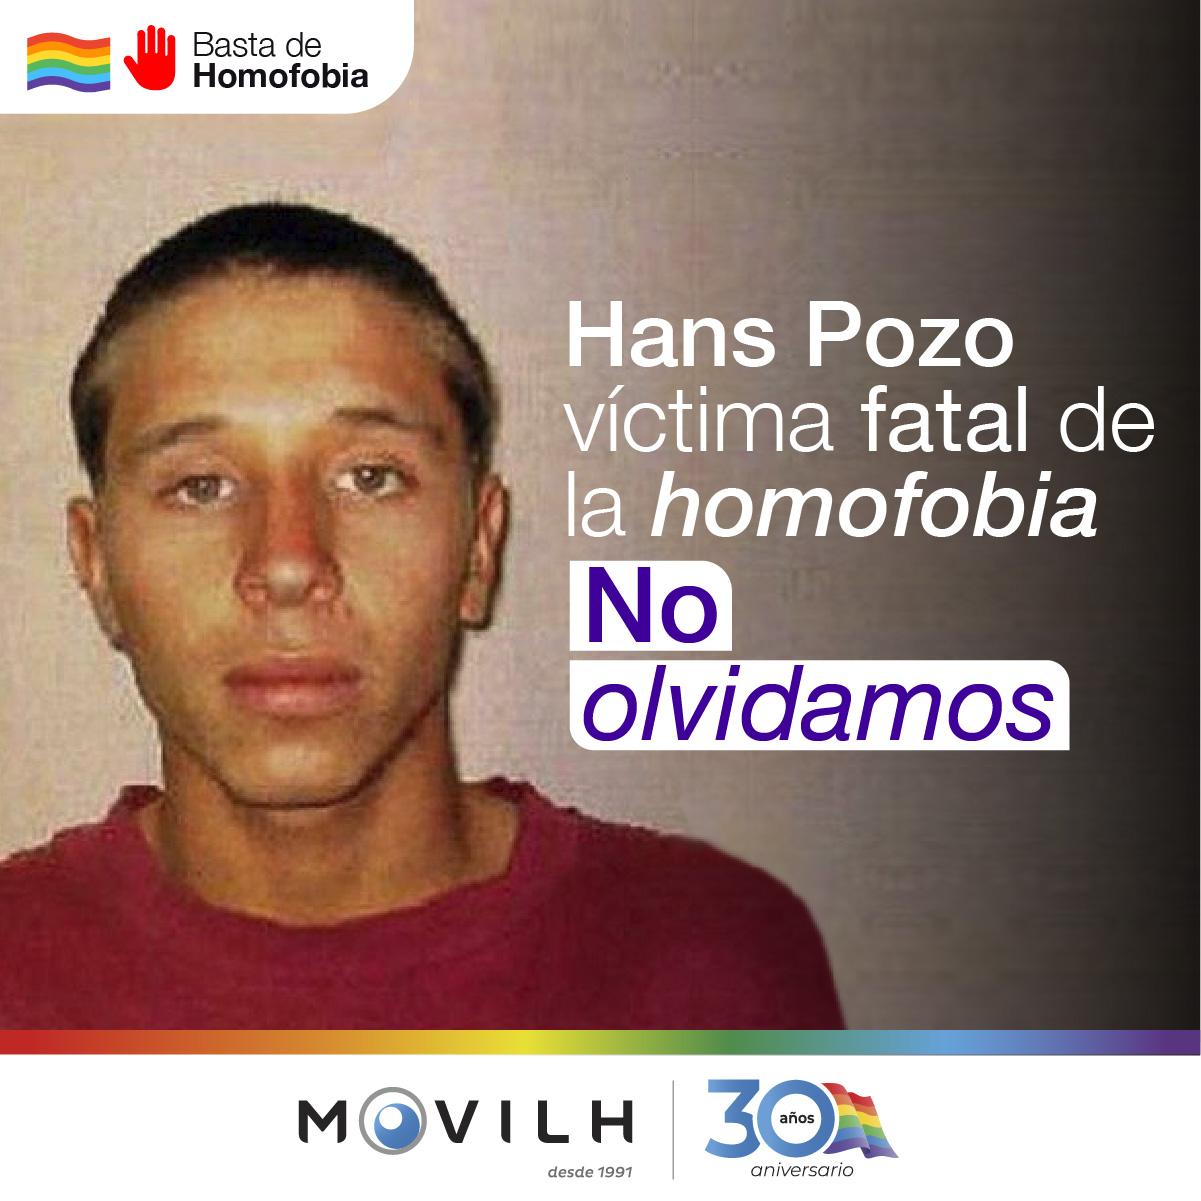 Movilh incluye a Hans Pozo en listado de víctimas fatales de la homofobia en Chile